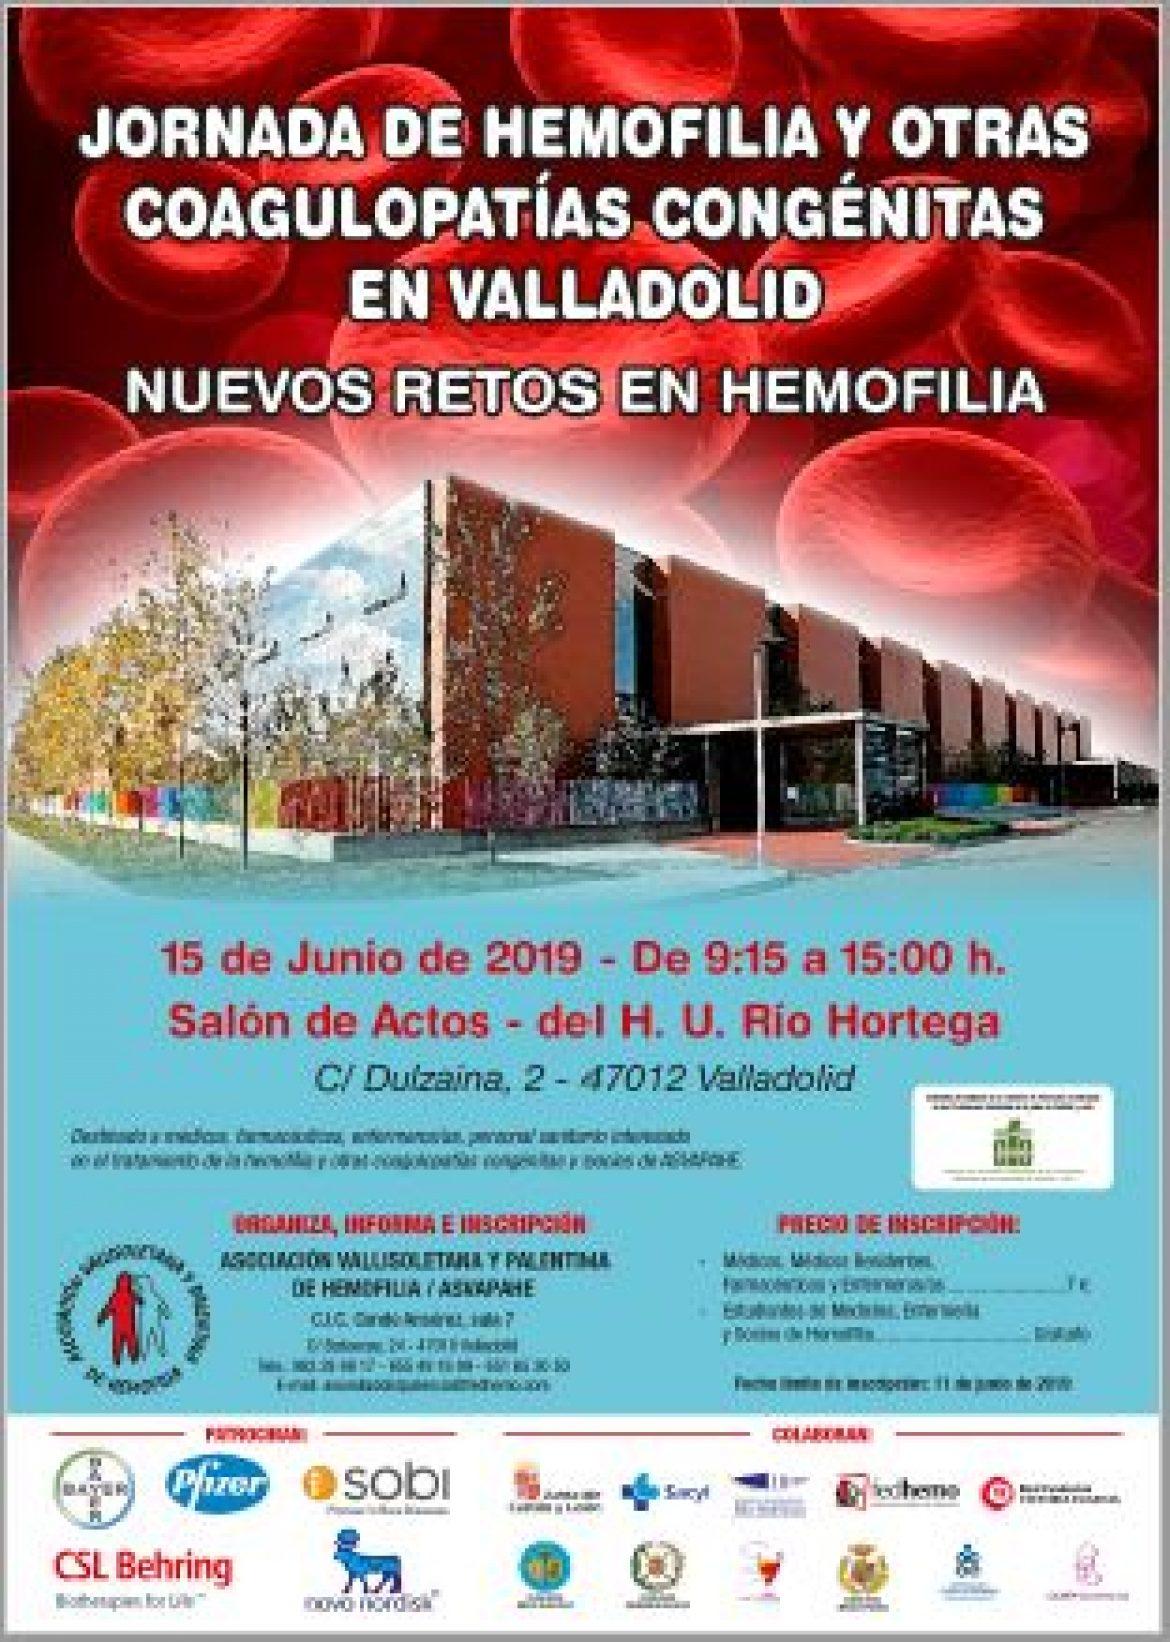 JORNADA DE HEMOFILIA Y OTRAS COAGULOPATÍAS CONGÉNITAS EN VALLADOLID